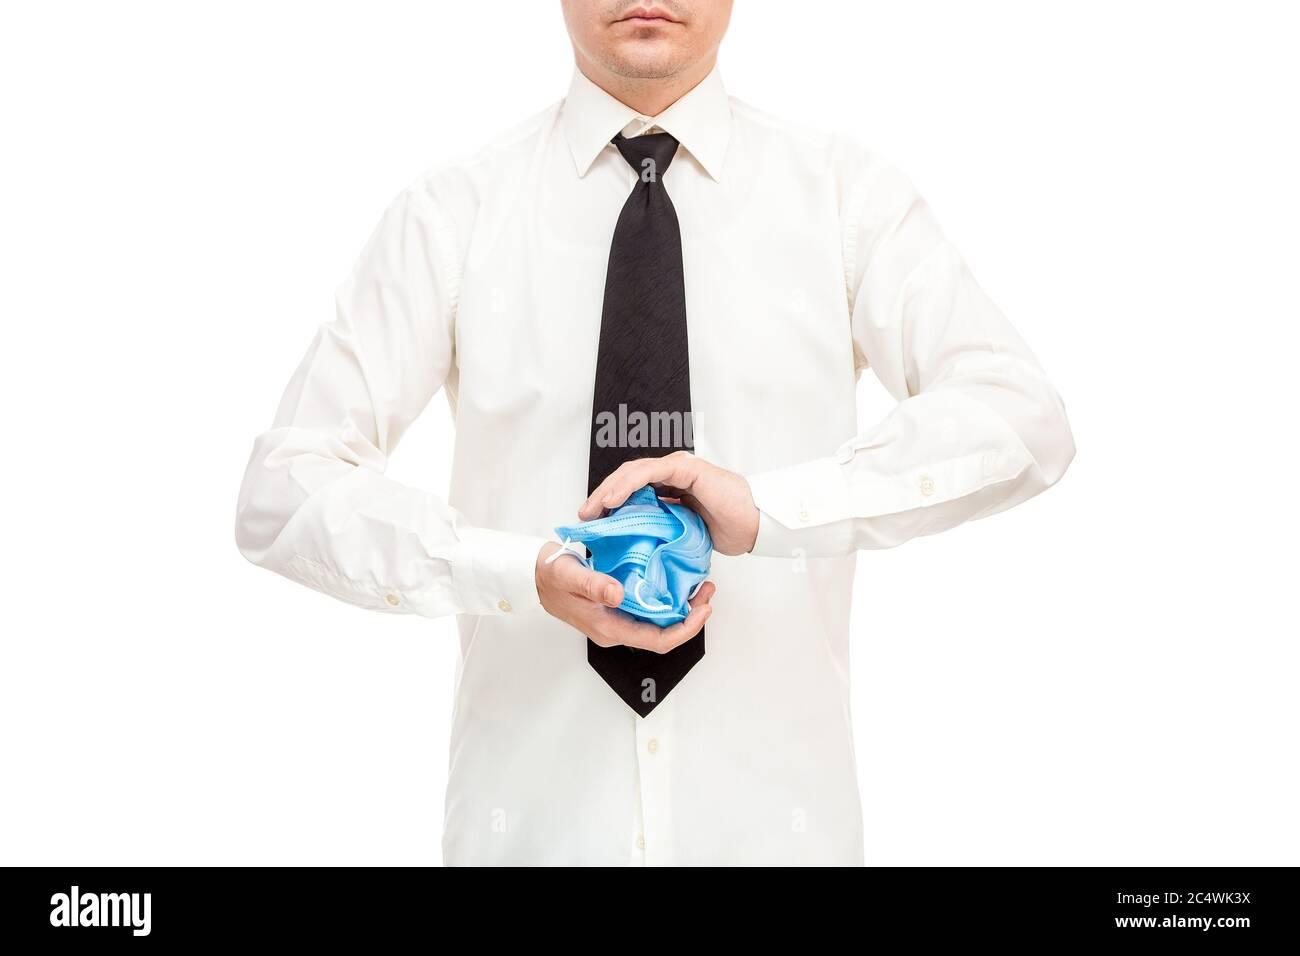 homme sans visage en chemise blanche et cravate noire a effrayé un tas de masques médicaux inefficaces et inutiles dans ses mains pour protester contre la mise en quarantaine crisi Banque D'Images